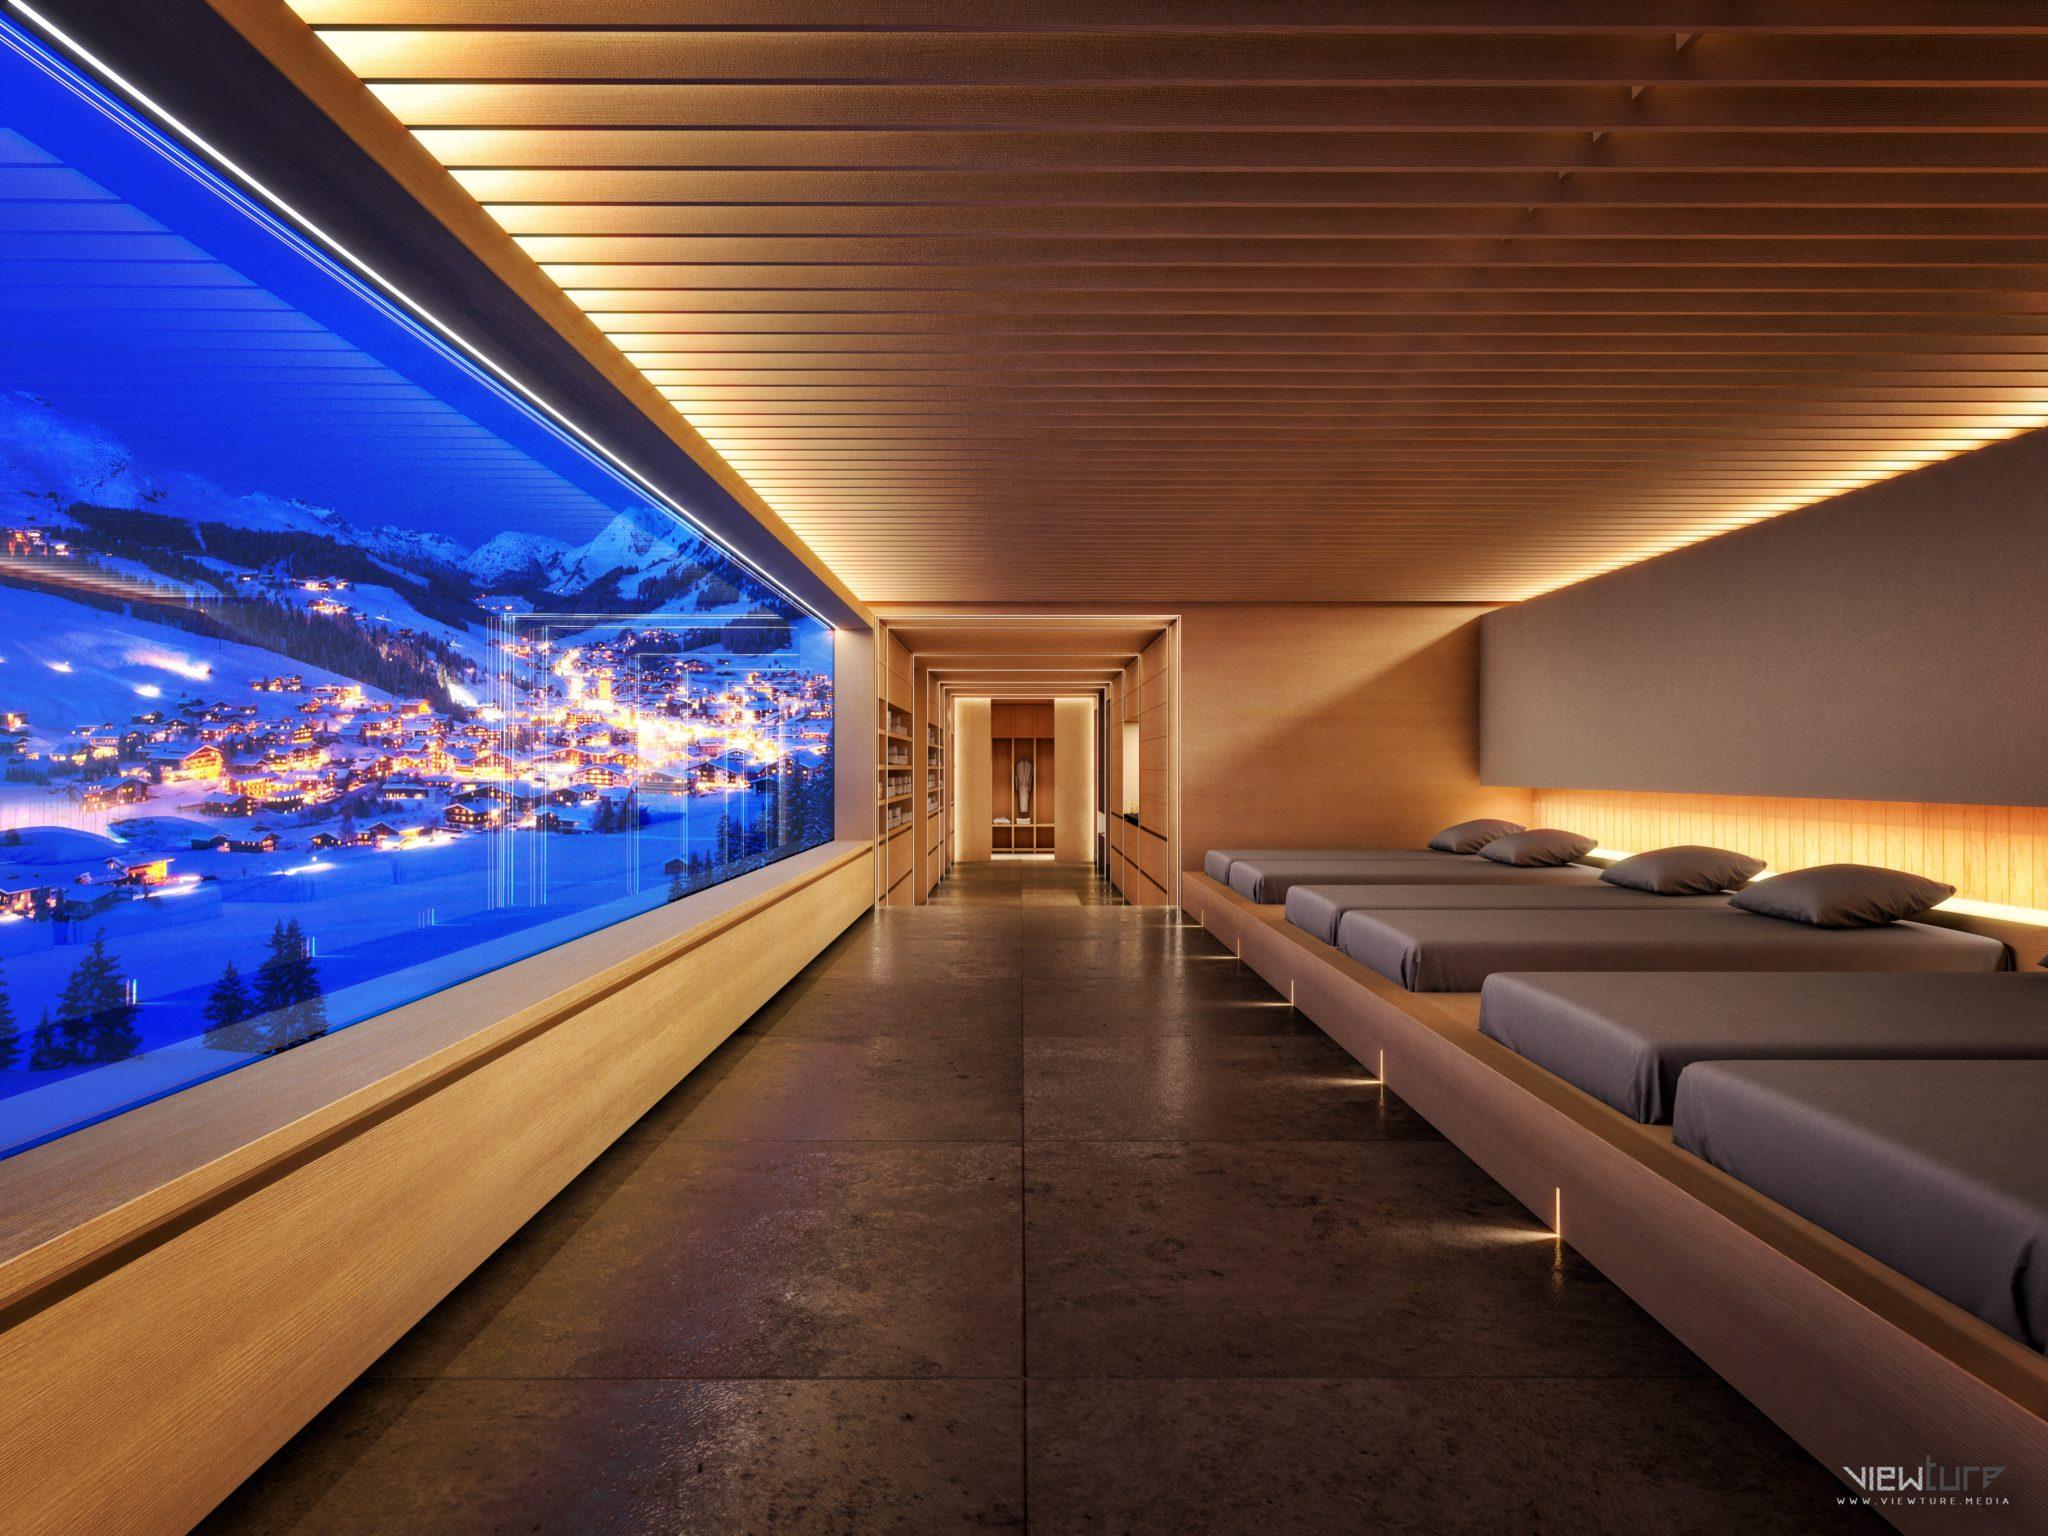 Stilvolles Ausspannen im Ruheraum des hoteleigenen Spa-Bereichs